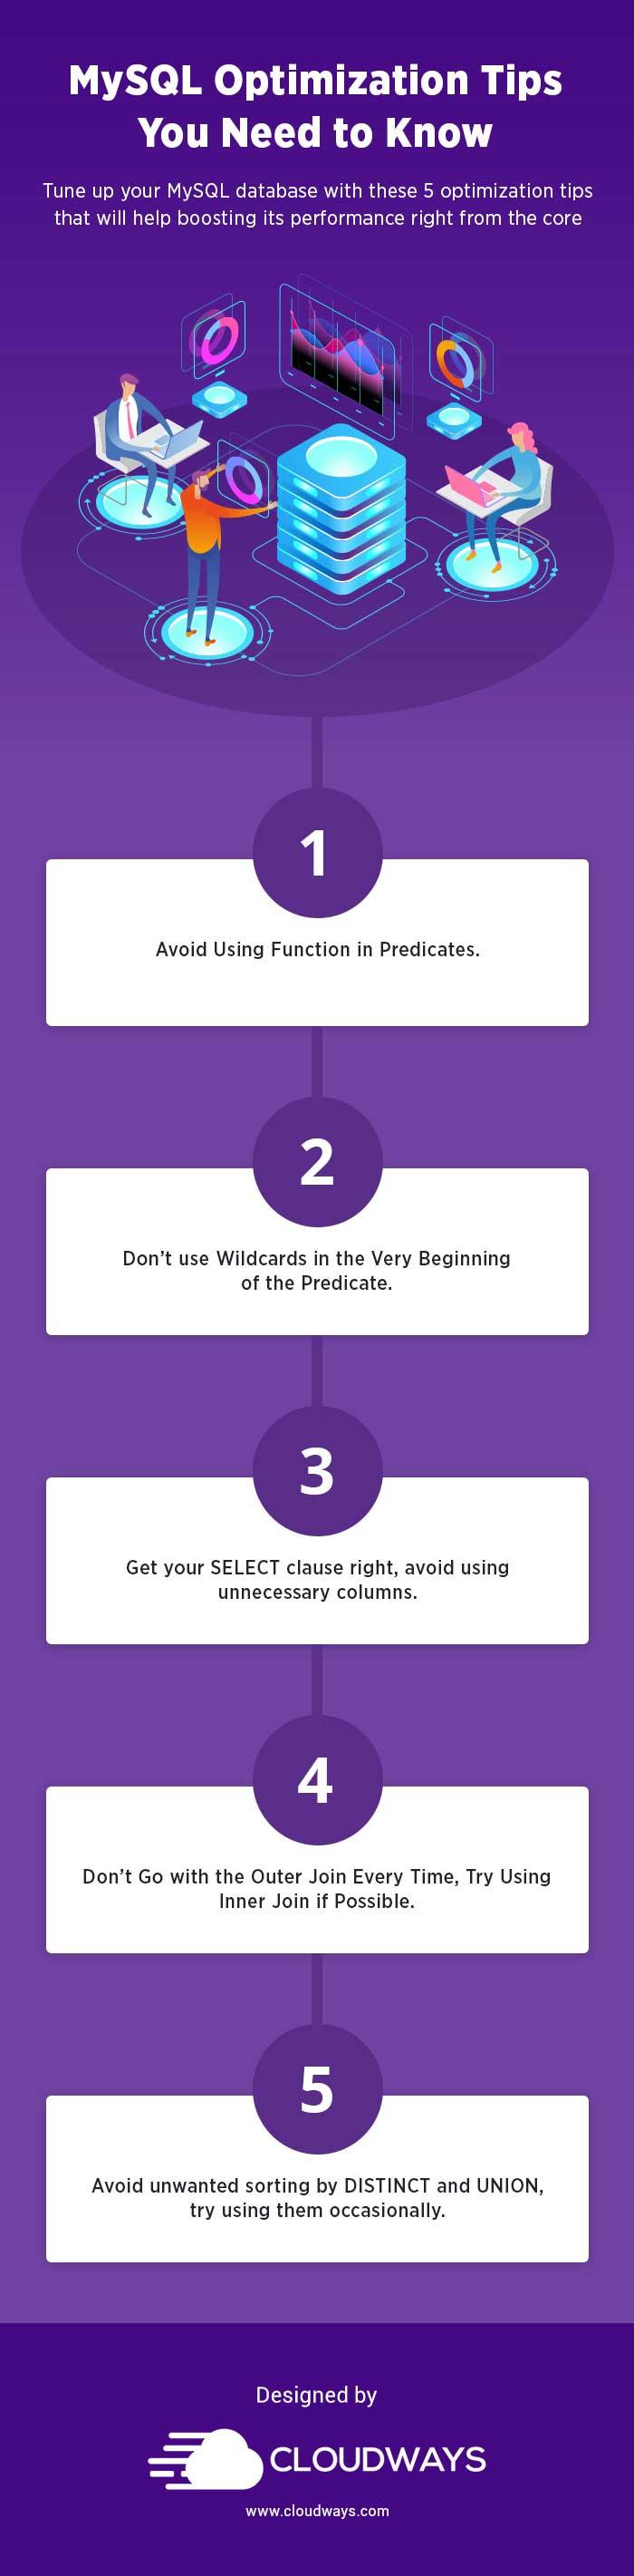 MySQL Performance Tuning Tips To Optimize Database